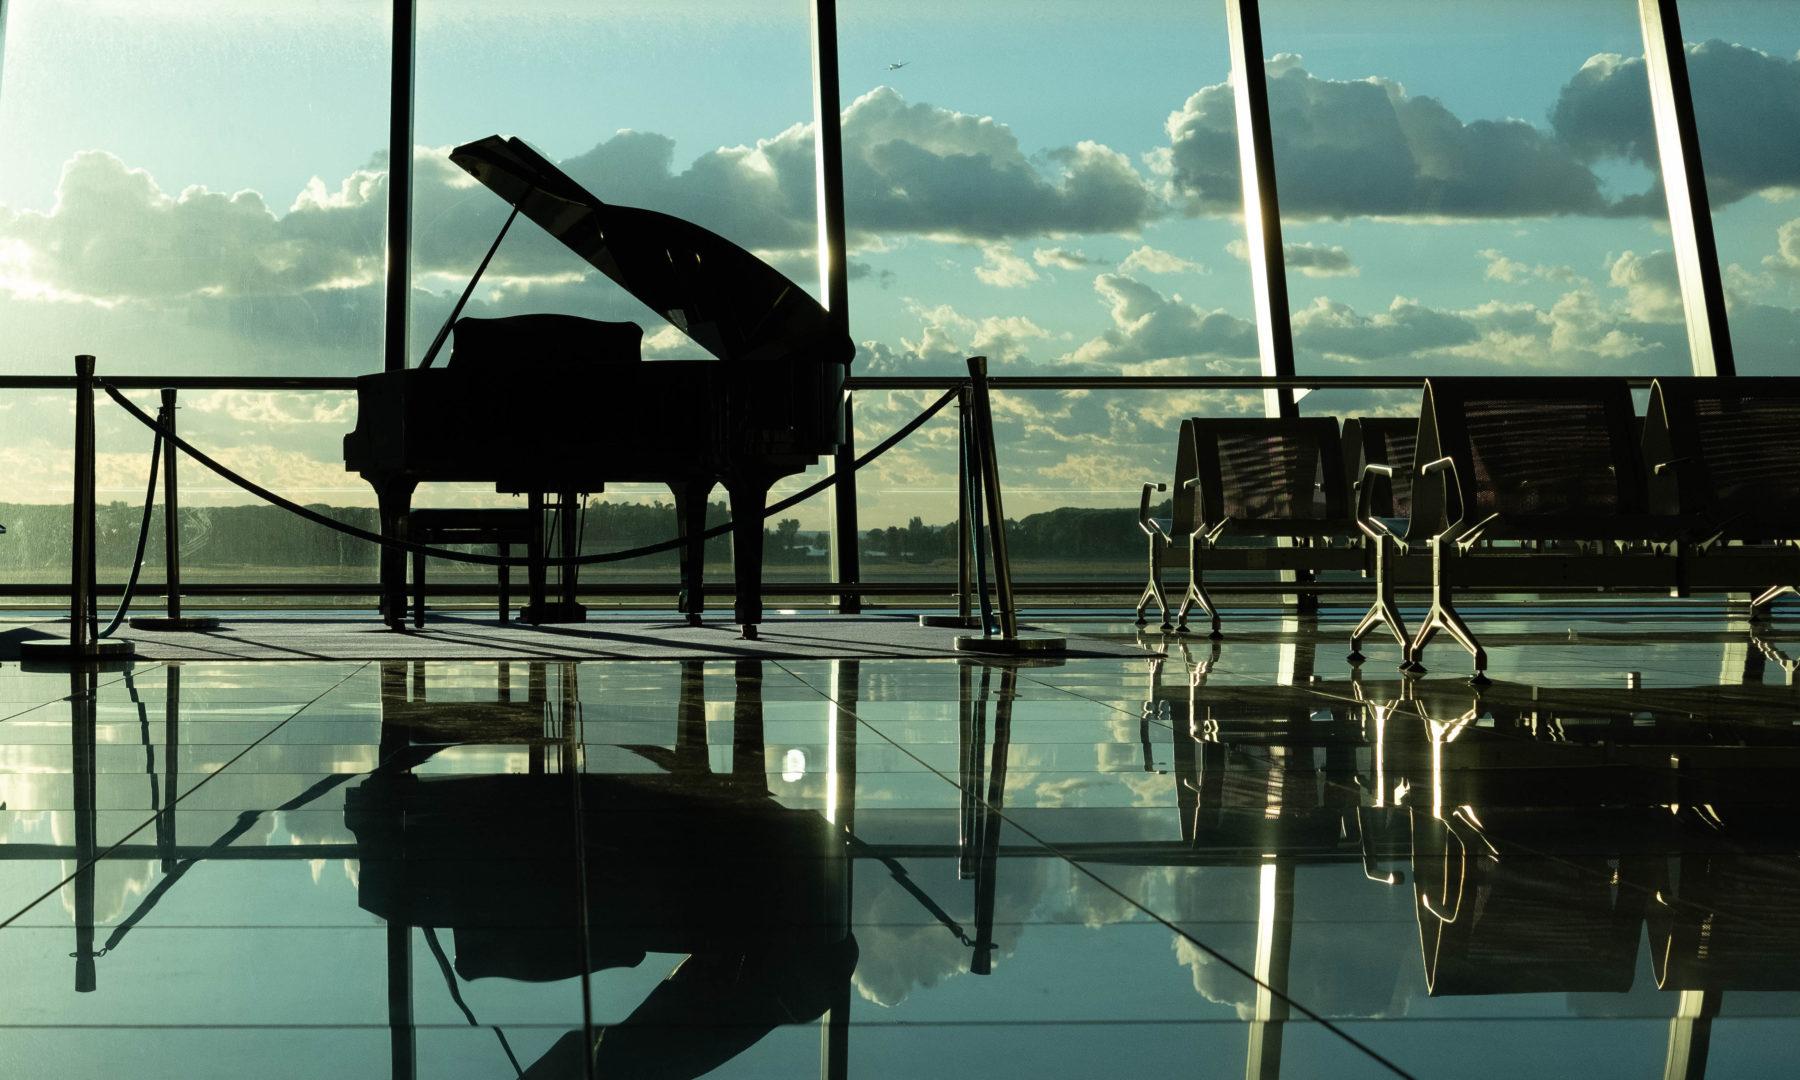 ファンタジー、私小説!? グールドが到達したピアノの記念碑 バッハ「ゴルトベルク変奏曲」